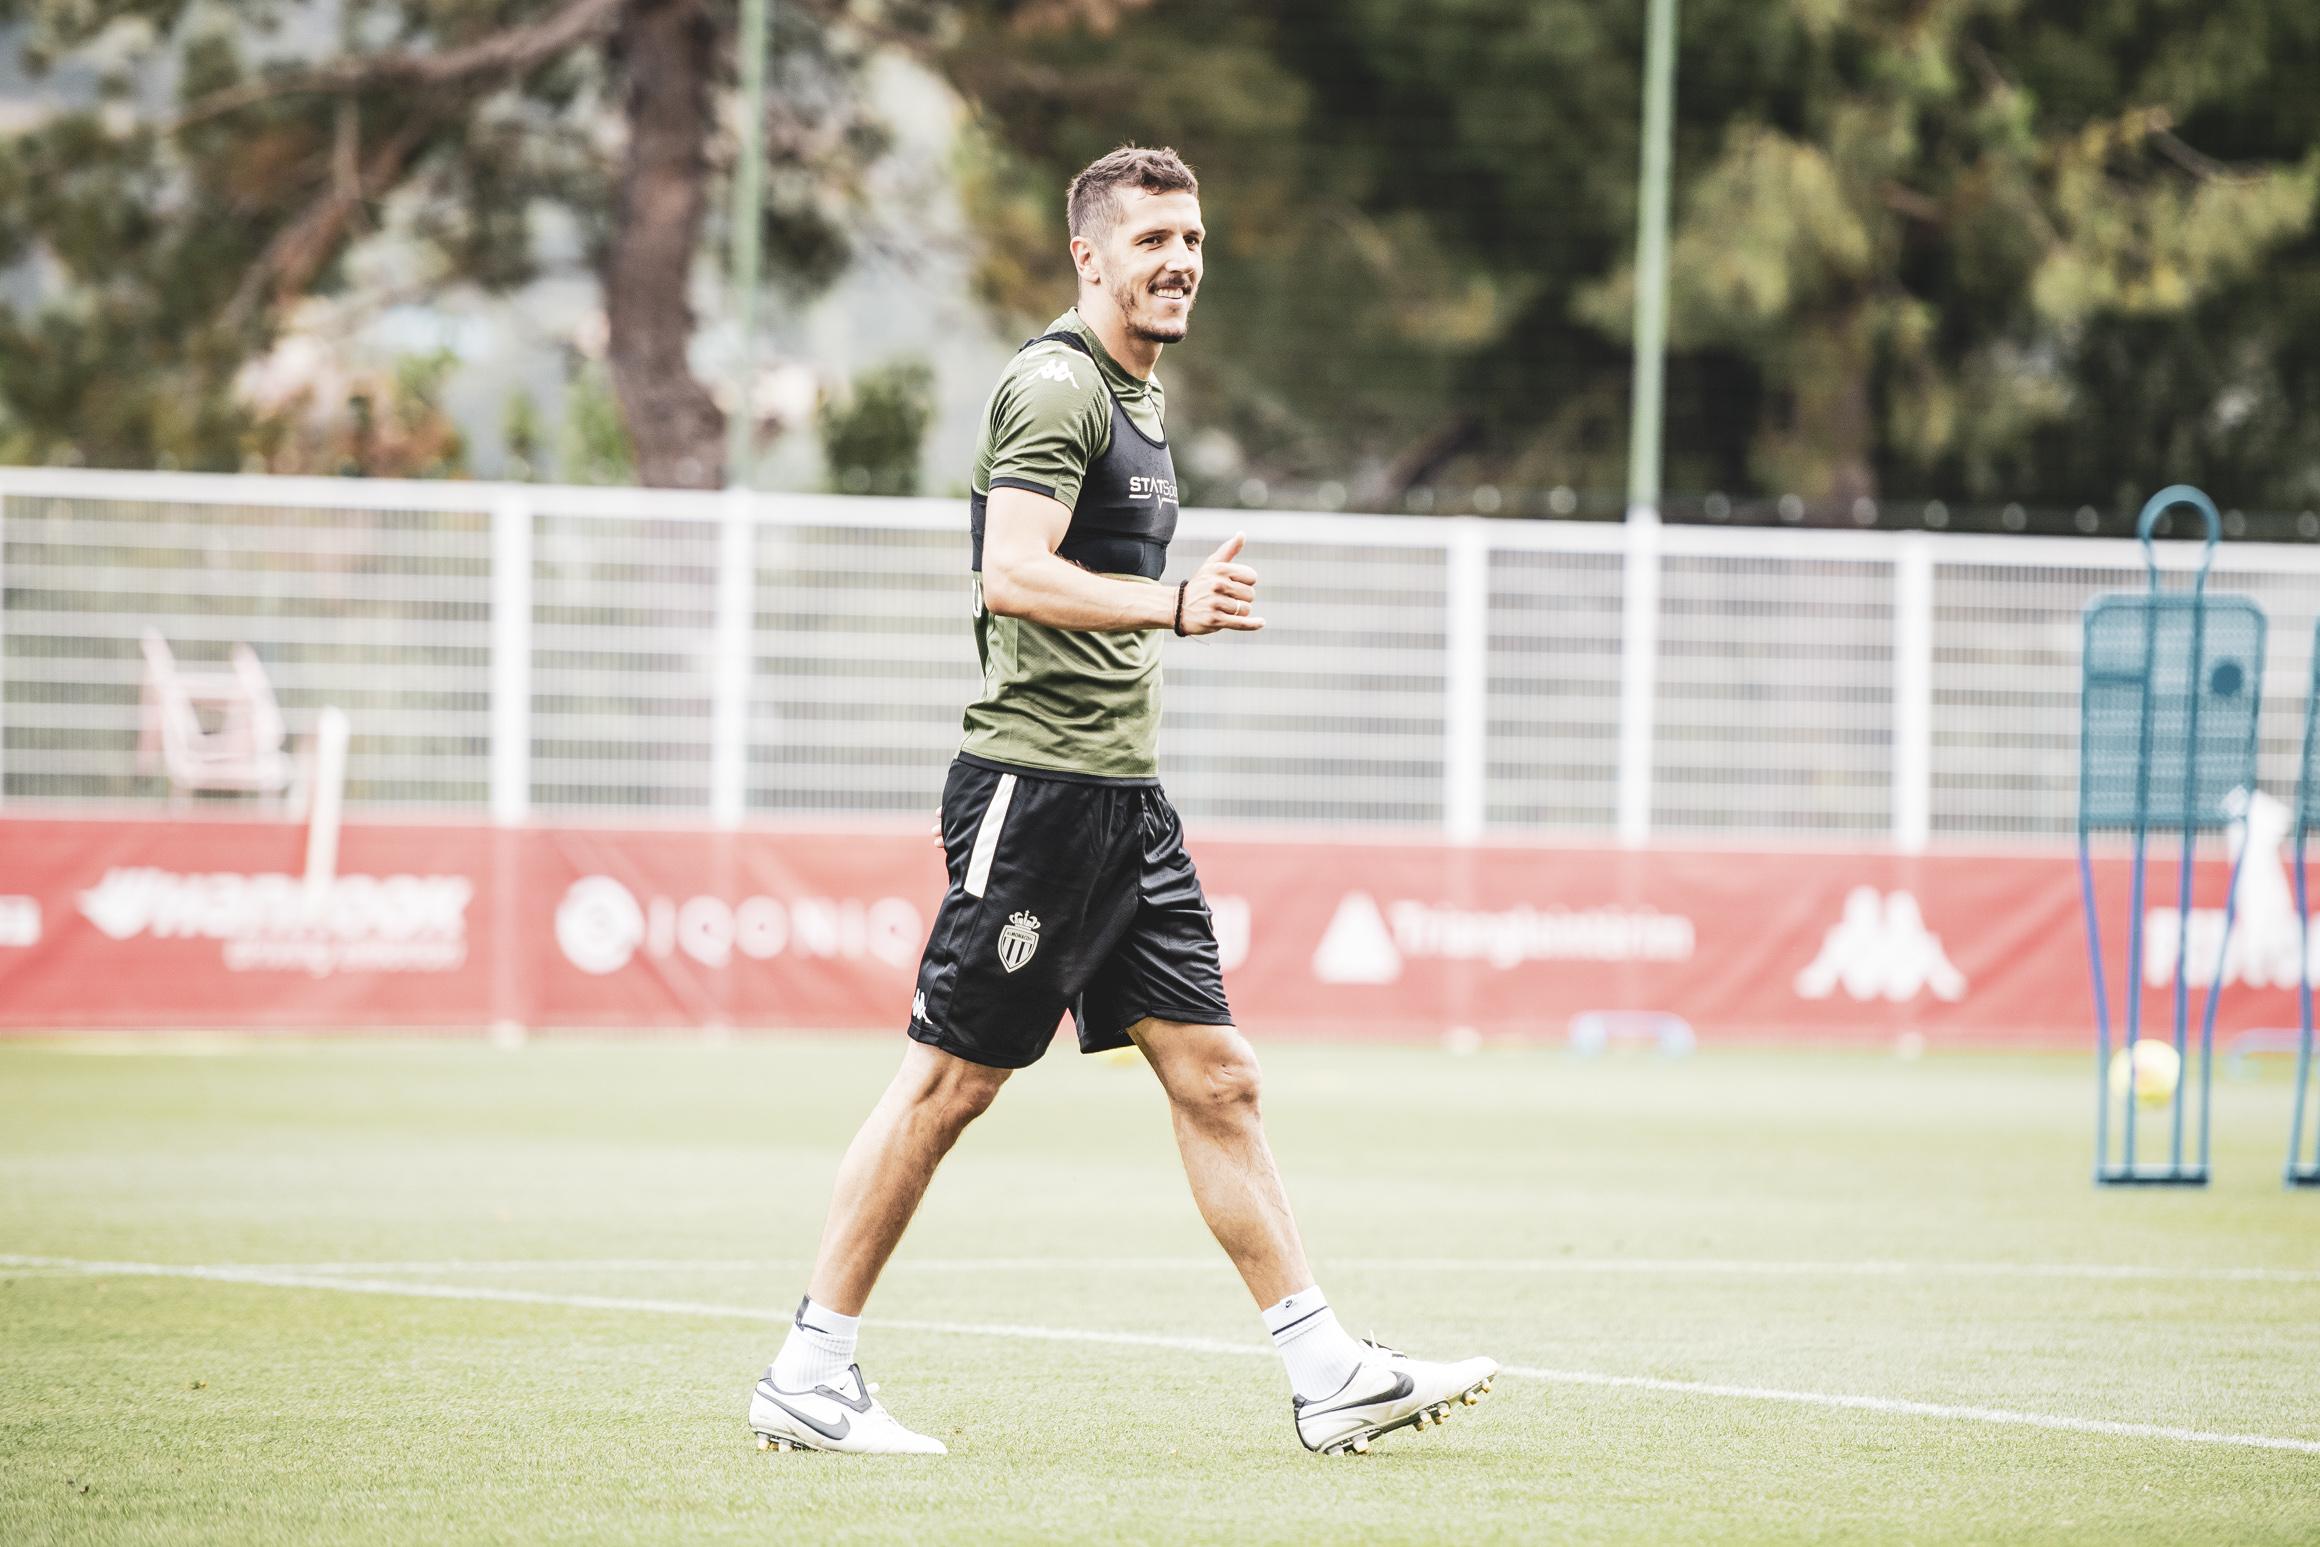 موناكو يعود للتدريبات أكثر قوة وحماس استعداد للدوري الفرنسي (9)